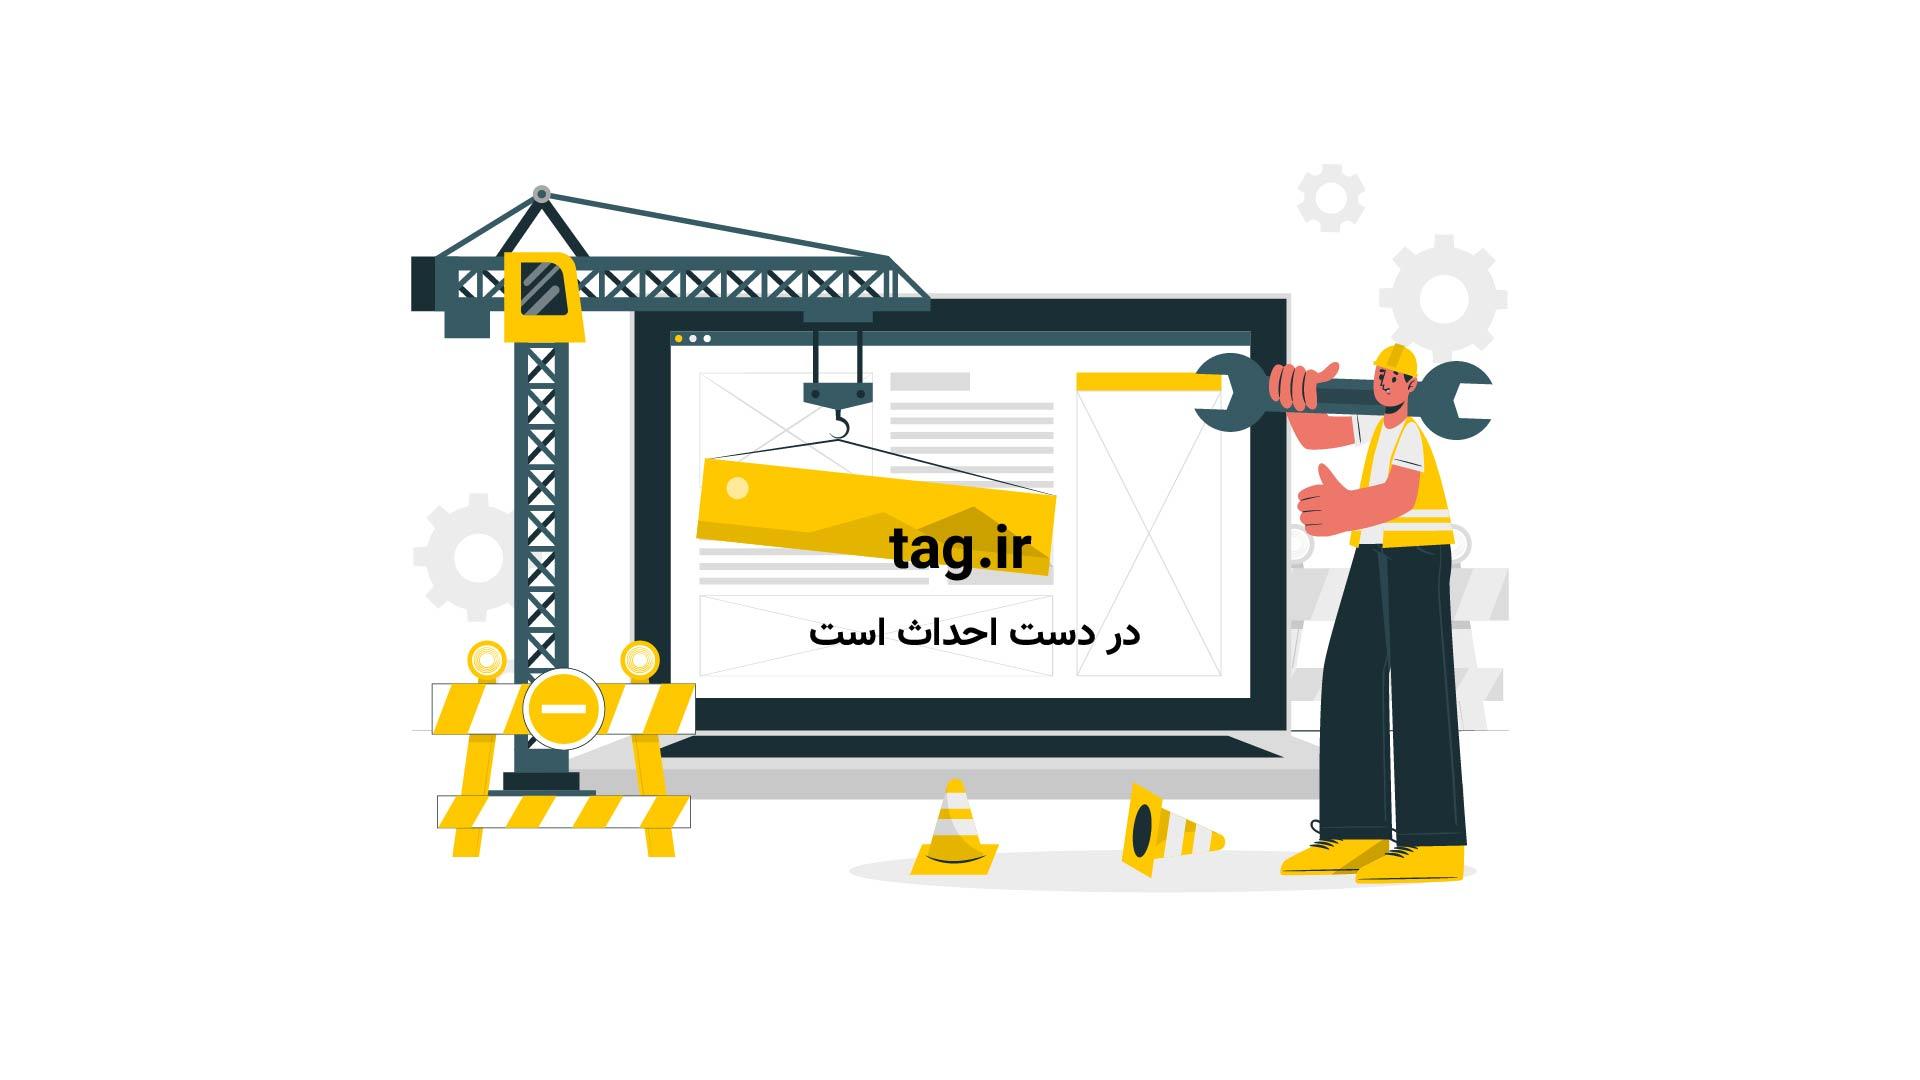 رنگ آمیزی نقاشی دوچرخه | تگ